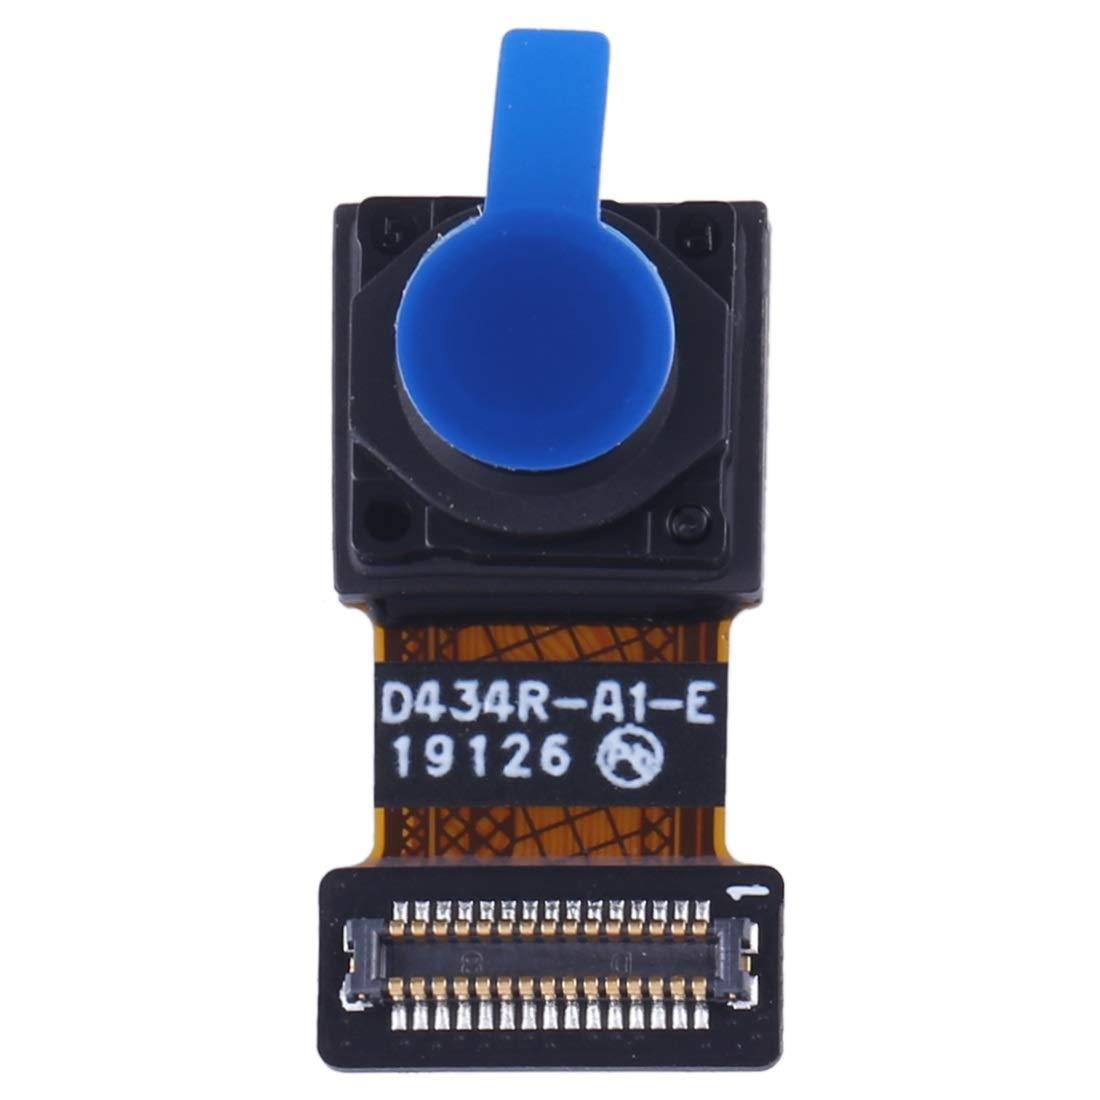 YANCAI Repuestos para Smartphone Módulo de cámara Frontal para para Nokia X7 / 8.1/7.1 Plus/TA-1131 Flex Cable: Amazon.es: Electrónica